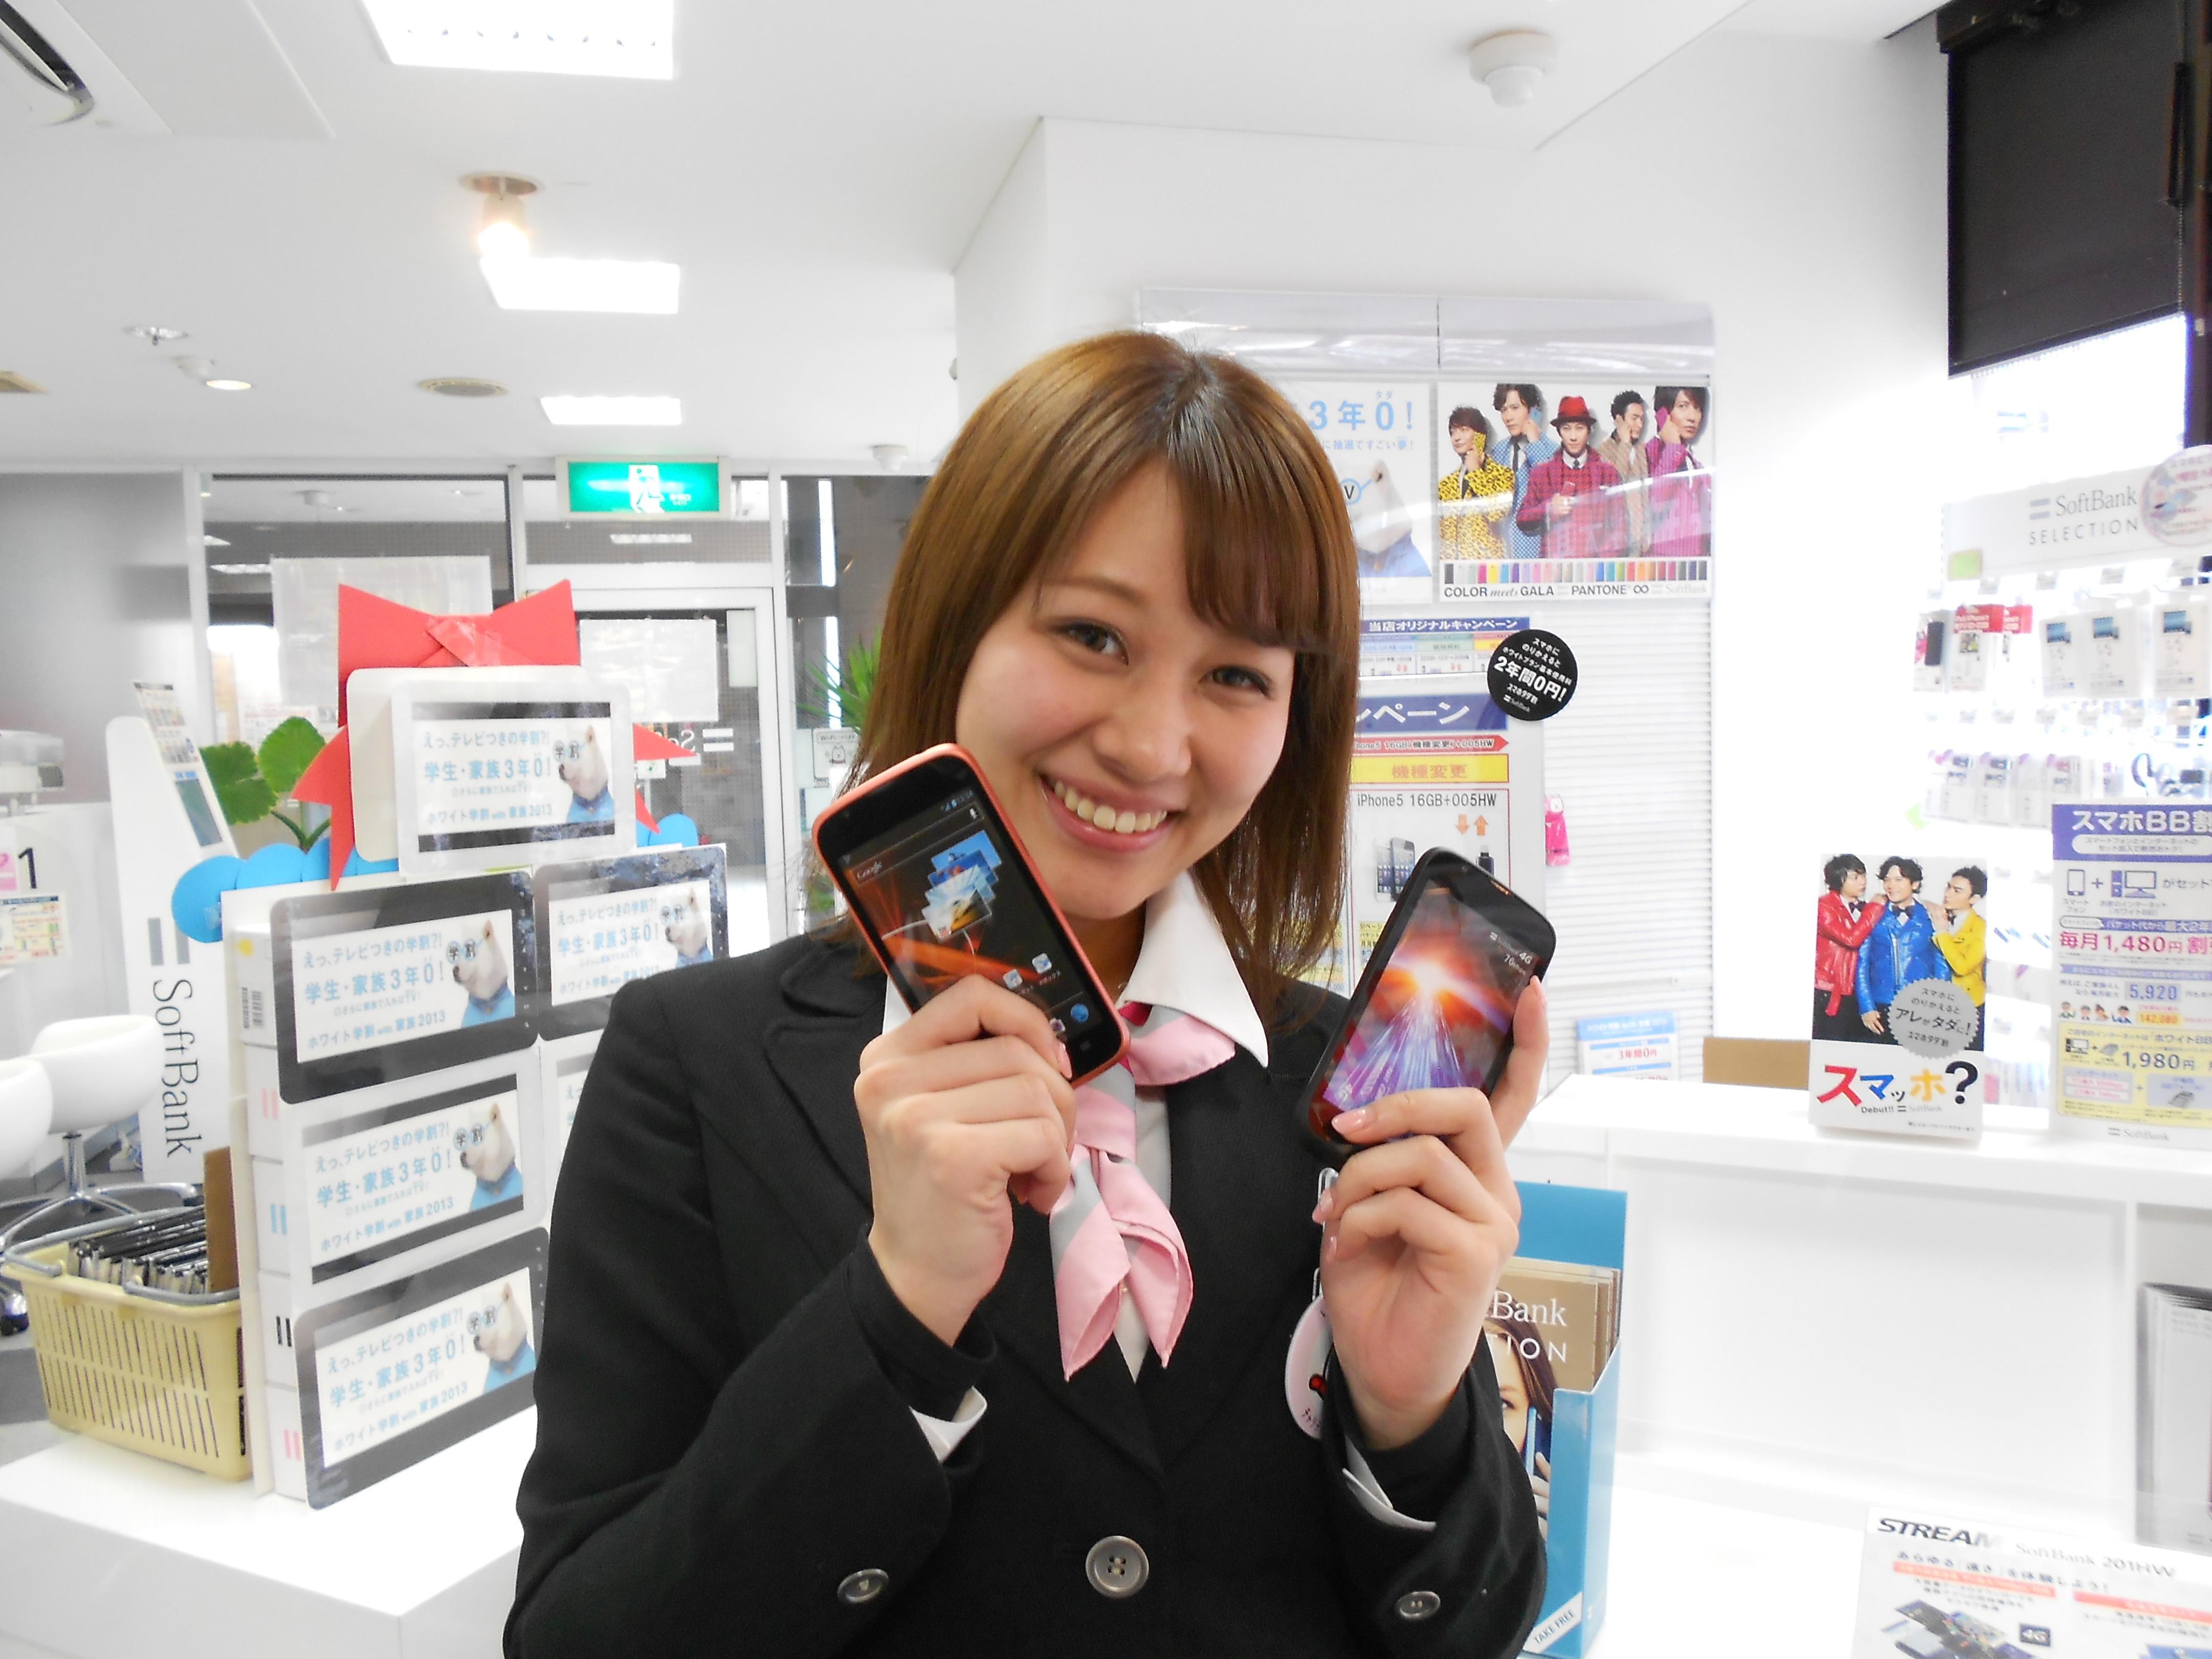 ワイモバイル イオンモール春日部(株式会社シエロ)のアルバイト情報